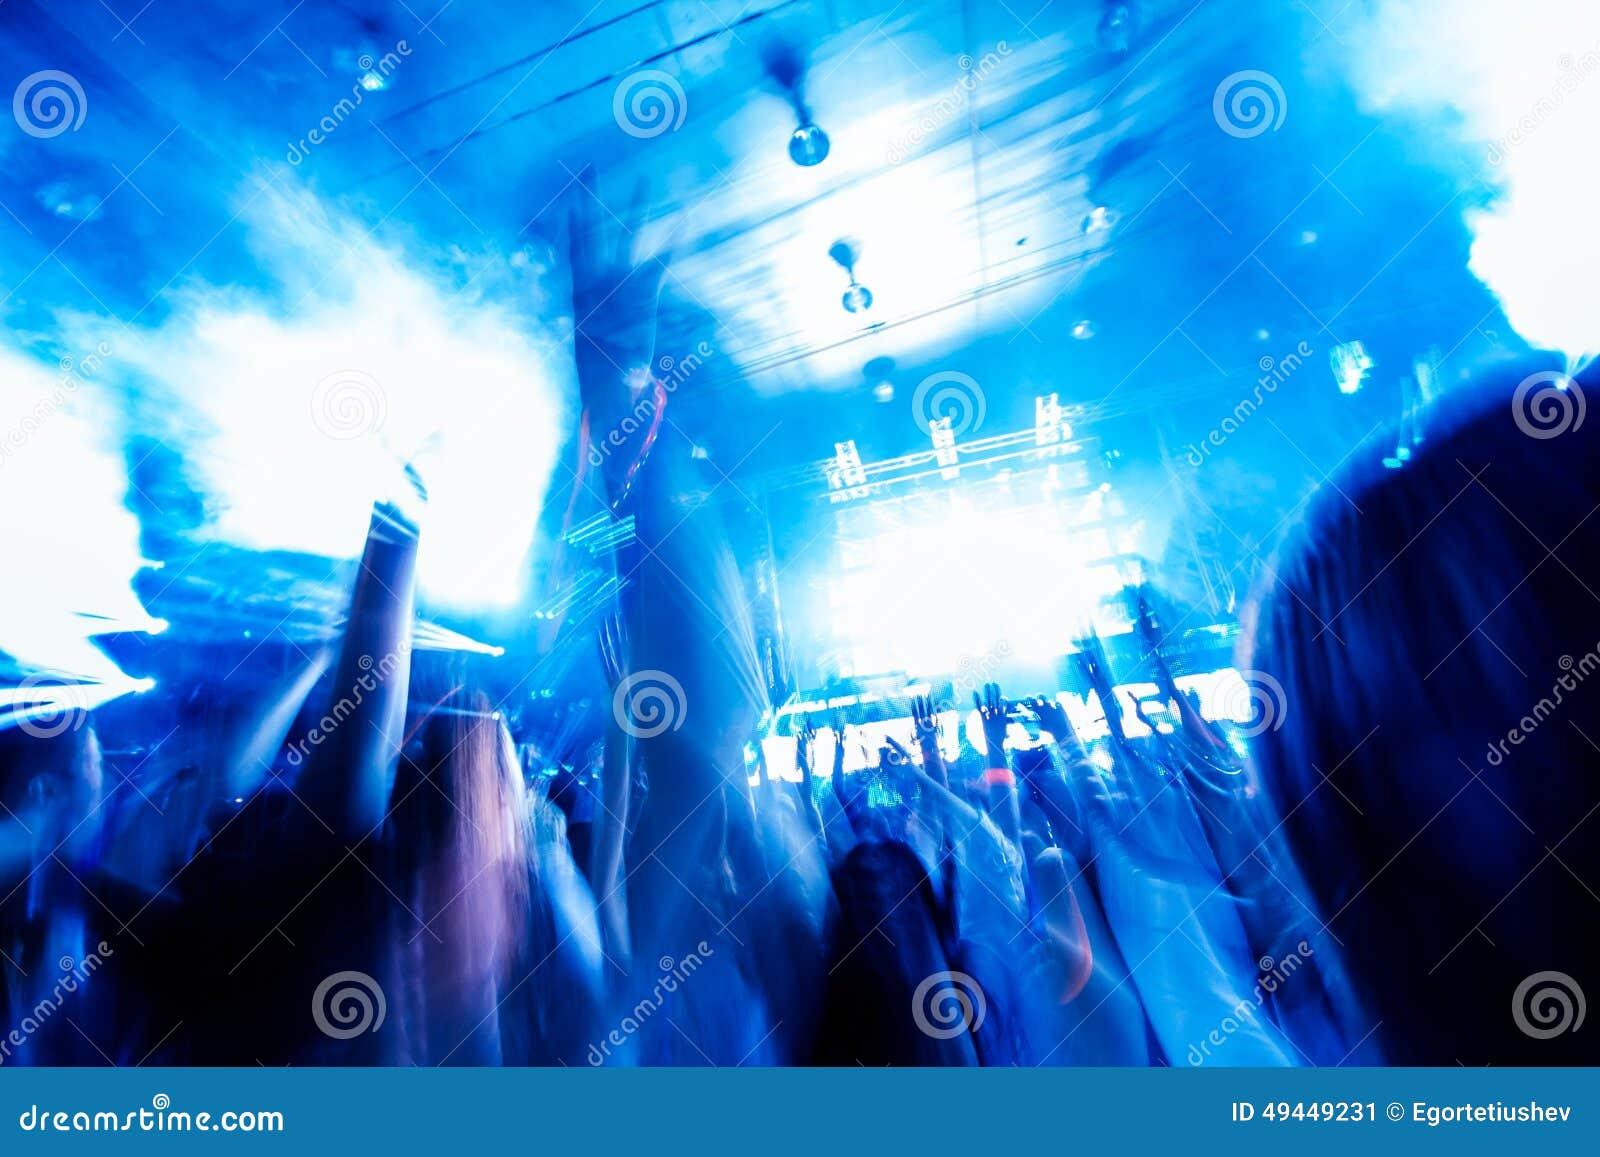 ... Mirage 1 Oak Nightclub Floor Plan. on light nightclub floor plan